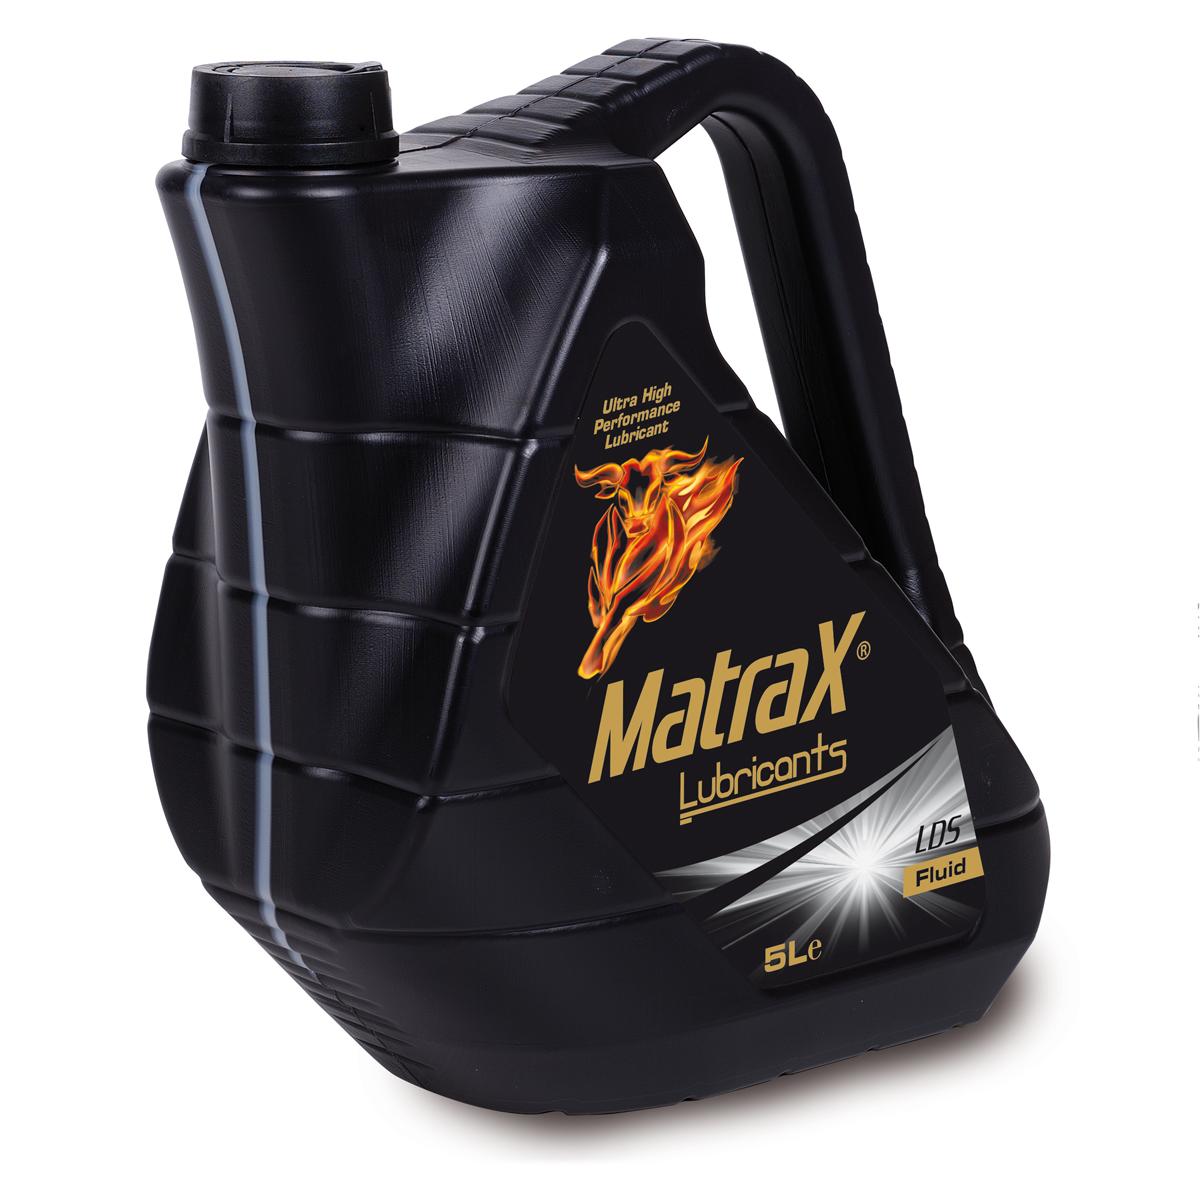 matrax-lubricants-LDS-Fluid-5l